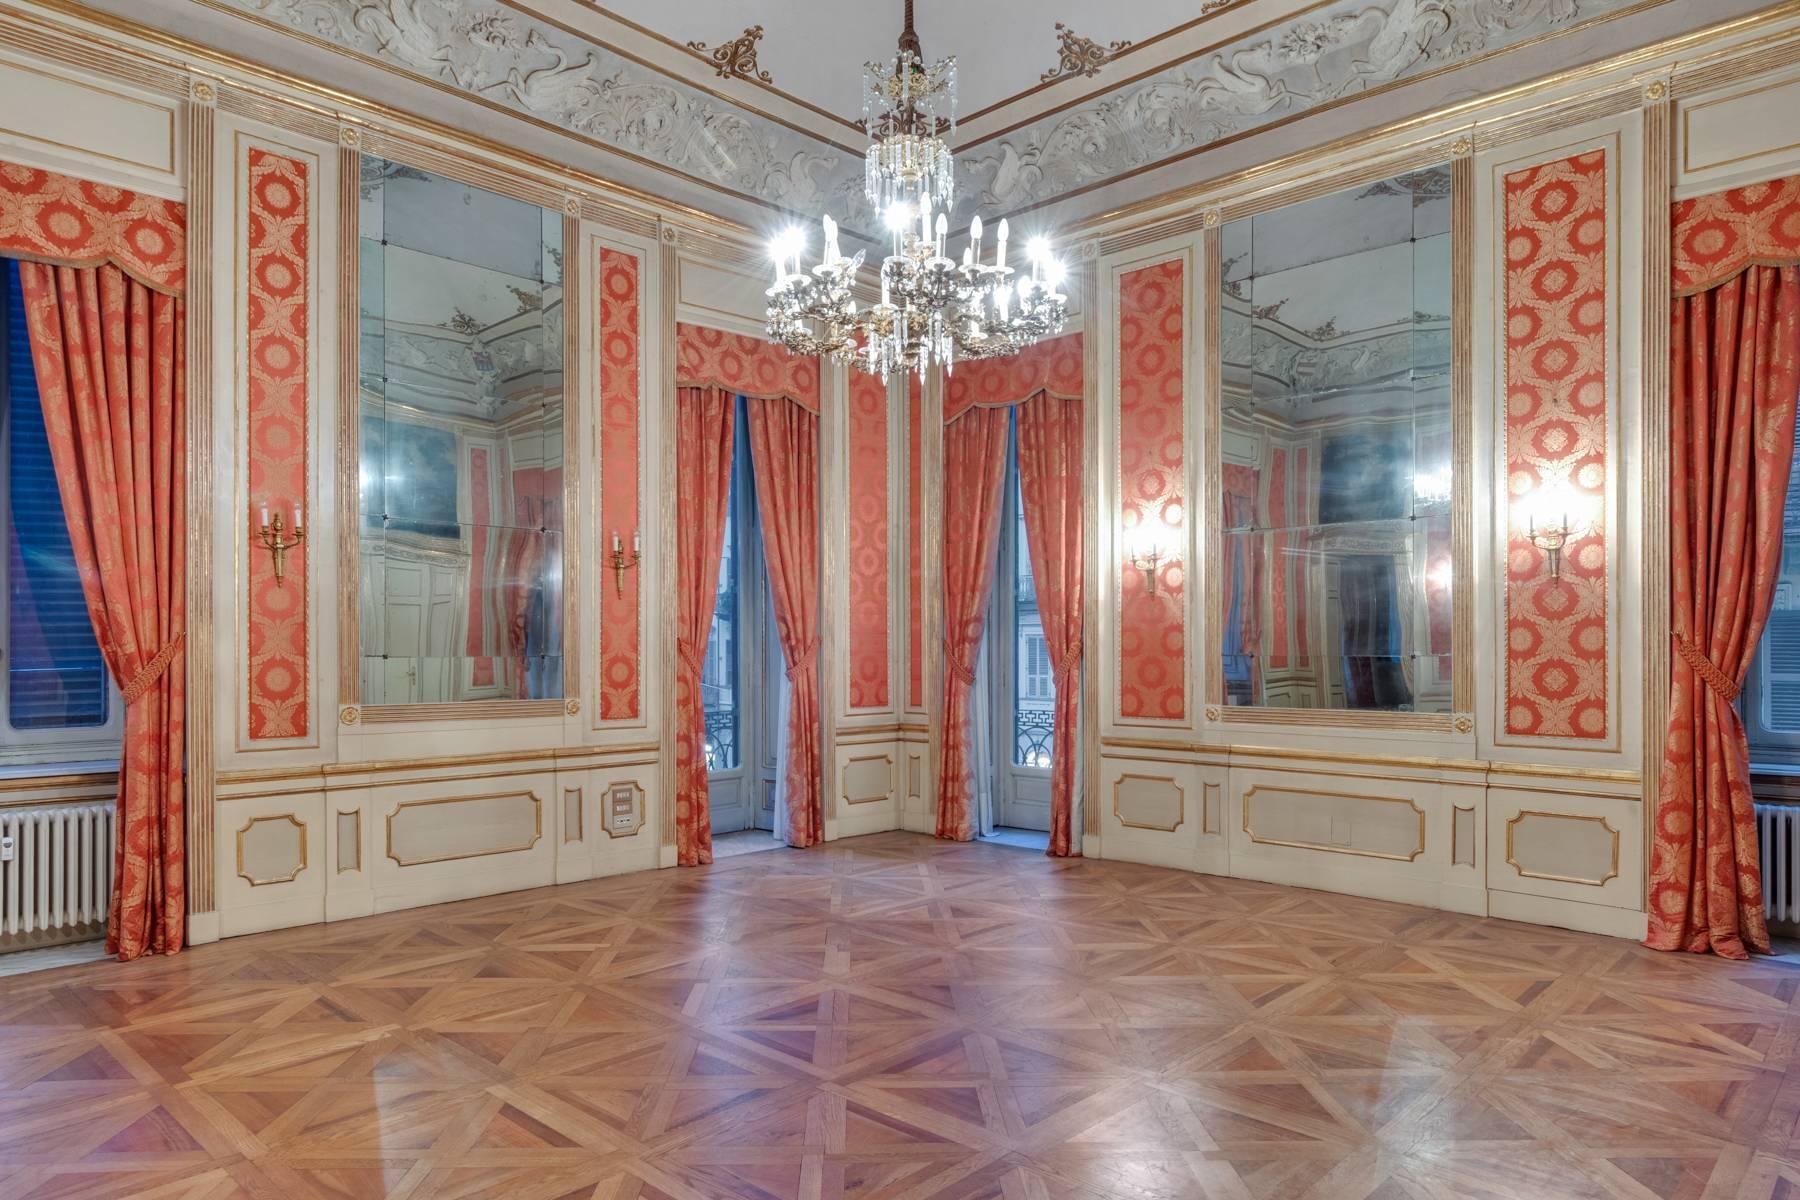 Appartement élégant dans un palais historique - 14